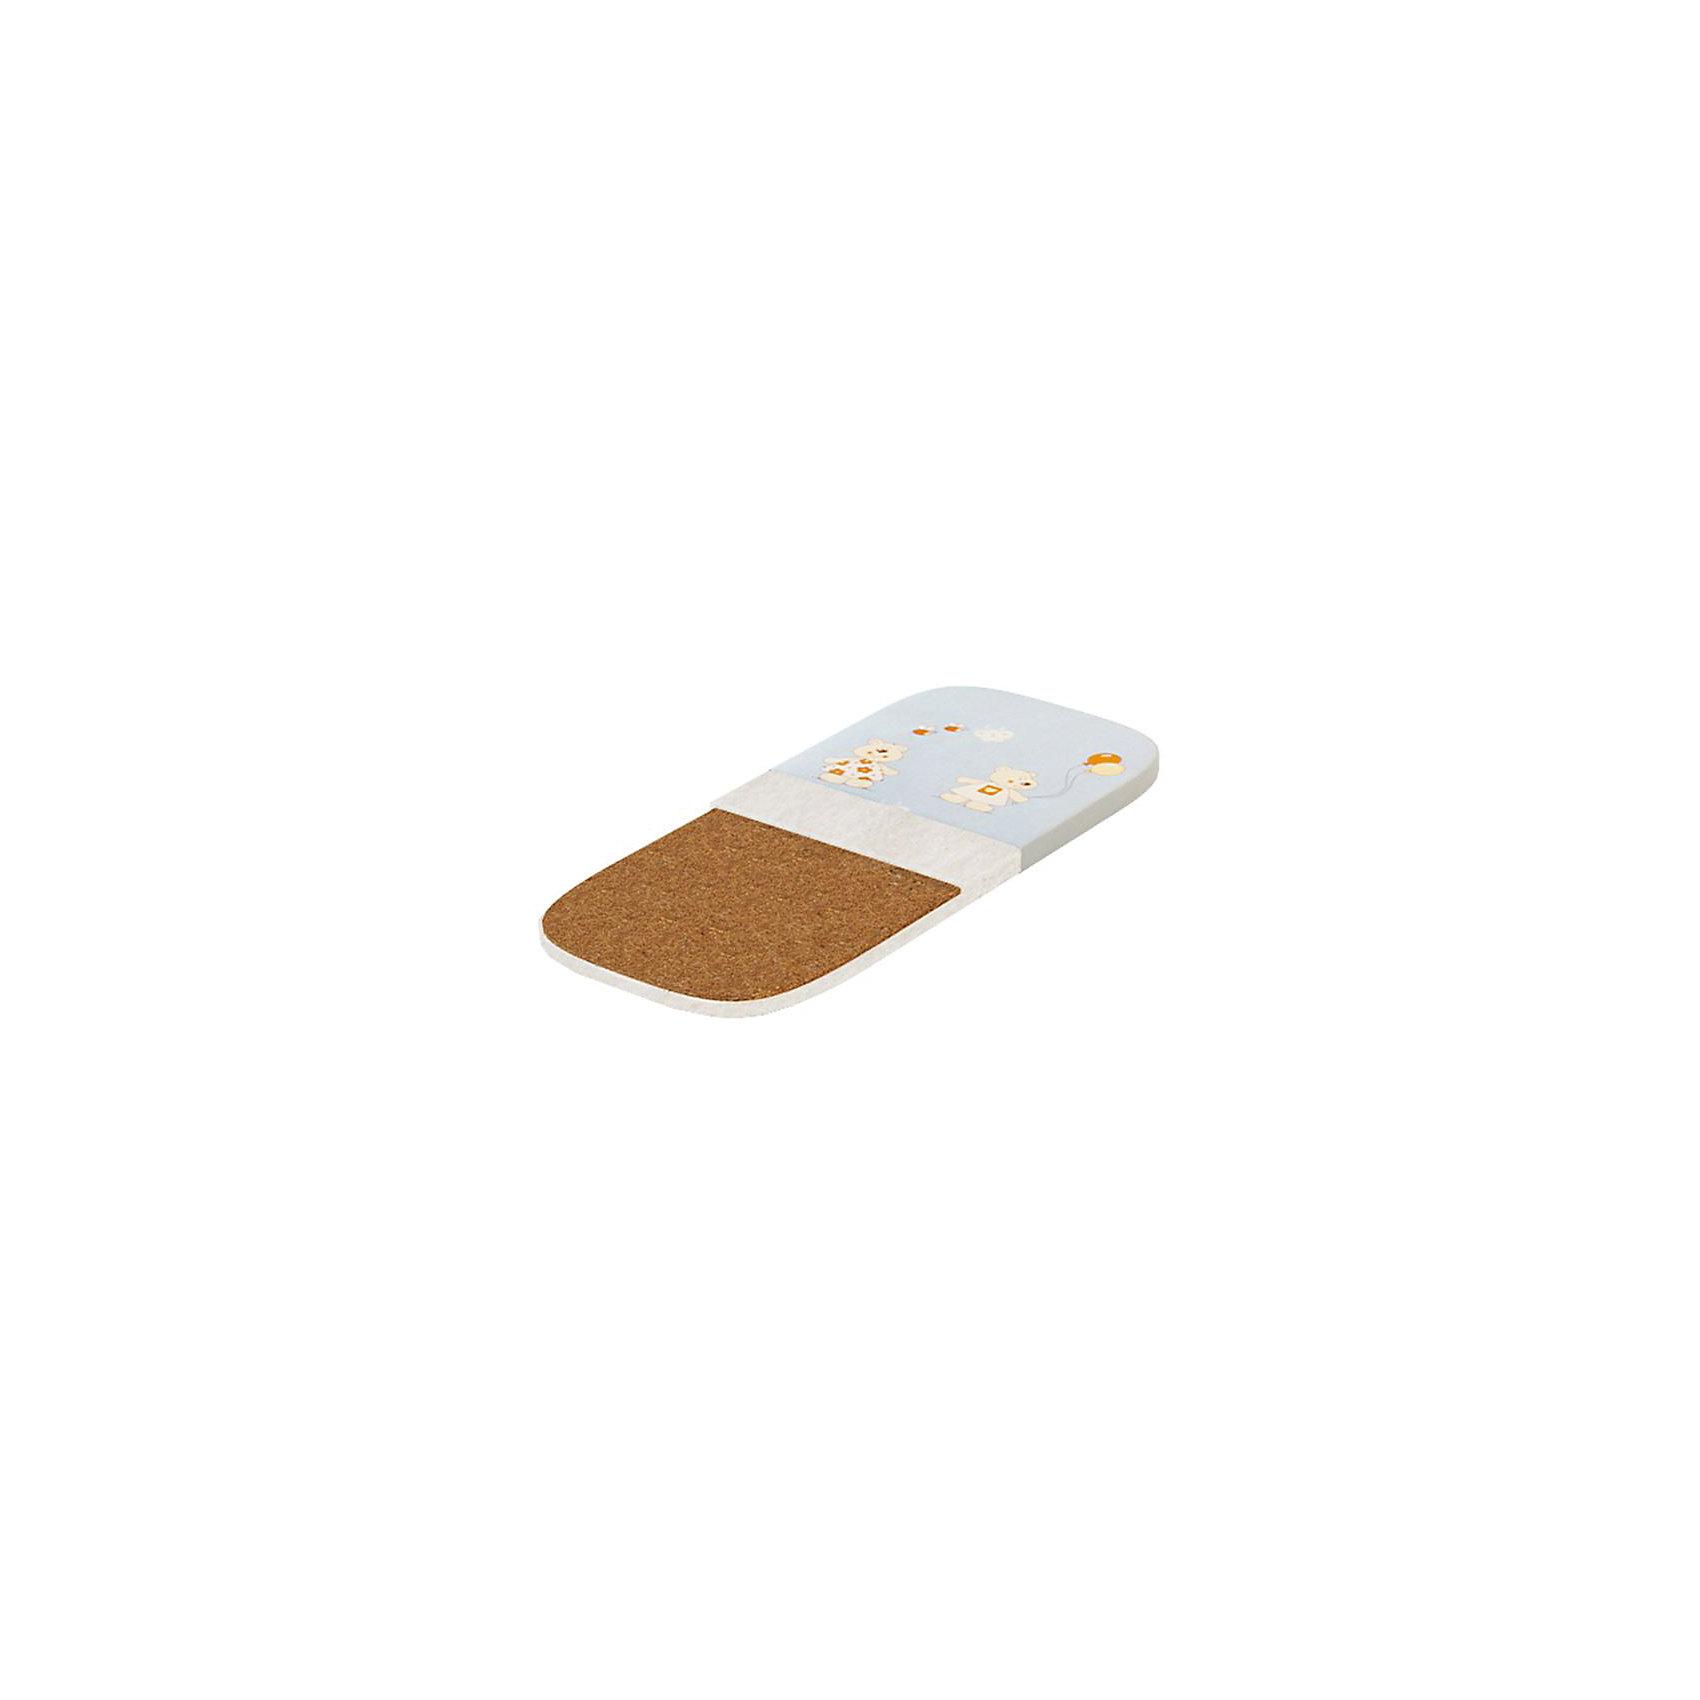 Матрас в коляску ЮНИОР КОКОС, PlitexДетский матрасик Юниор разработан специально для малышей. Его можно использовать для детской коляски и люльки. В основе - латексированная кокосовая койра, это экологичный, упругий, жесткий материал, обладает исключительными антиаллергическими и антибактериальными свойствами: не впитывает запахи и влагу, не гниет, отлично пропускает воздух и регулирует температуру, к тому же не деформируется, гарантирует правильное формирование позвоночника ребенка. В холода изделие можно использовать в качестве дополнительного аксессуара к детским санкам.<br>Чехол сделан из бязи (хлопок), она отлично пропускает воздух, легко впитывает и хорошо испаряет влагу. Также в составе - нетканый материал Airotek, экологически чистый гипоаллергенный наполнитель из смеси полиэфирных волокон (иглопробивной синтепон), нетоксичный и безвредный, с хорошей устойчивостью к механическим растяжениям и сваливанию. Долго удерживает тепло, хорошо восстанавливает первоначальную форму, пышный и мягкий, не впитывает воду и быстро сохнет.<br><br>Дополнительная информация:<br><br>материал: бязь, кокос, Airotek;<br>жесткость: верхняя сторона-5, нижняя сторона-5<br>двусторонний, симметричный;<br>беспружинный;<br>размер: 78х34х2 см.<br><br>Матрас в коляску ЮНИОР КОКОС от компании Plitex можно купить в нашем магазине.<br><br>Ширина мм: 780<br>Глубина мм: 340<br>Высота мм: 20<br>Вес г: 600<br>Возраст от месяцев: 0<br>Возраст до месяцев: 18<br>Пол: Унисекс<br>Возраст: Детский<br>SKU: 4720094